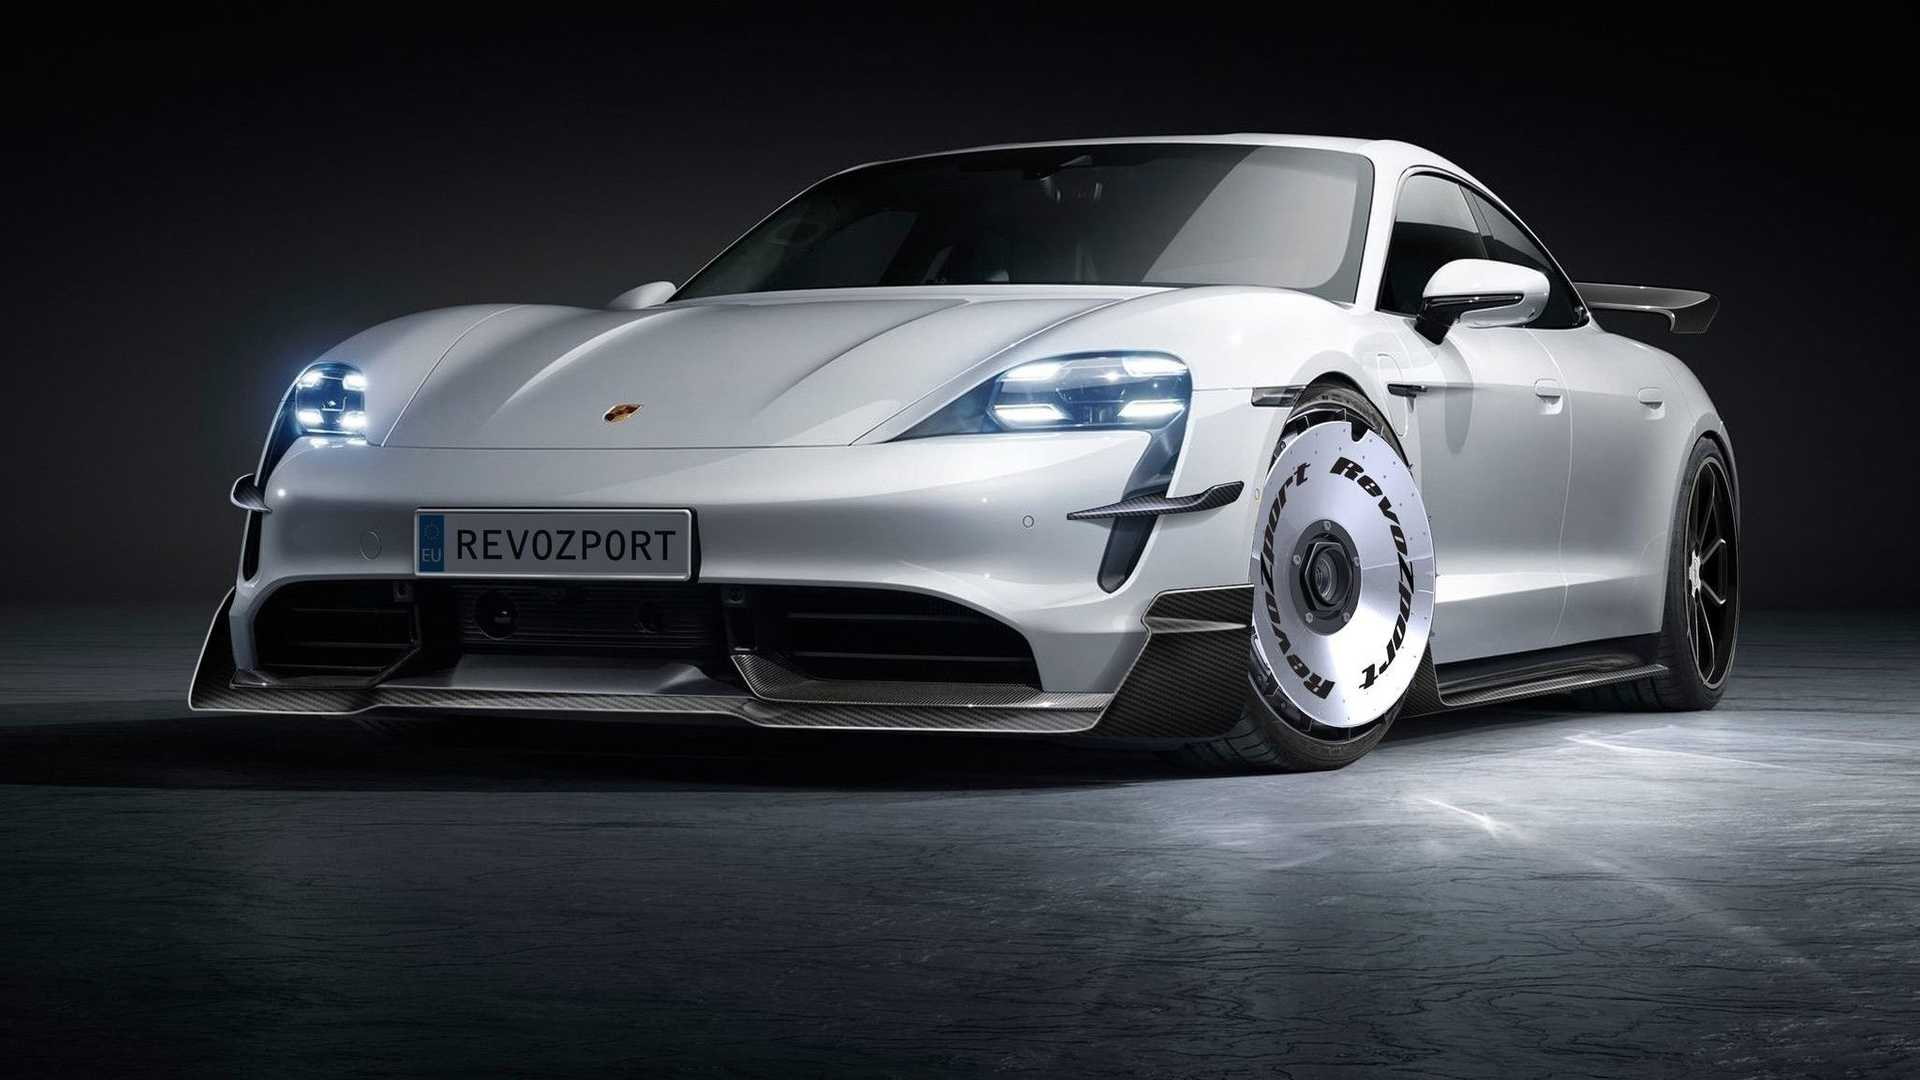 Vuelve tu Porsche Taycan más agresivo con los kits de carrocería de RevoZport